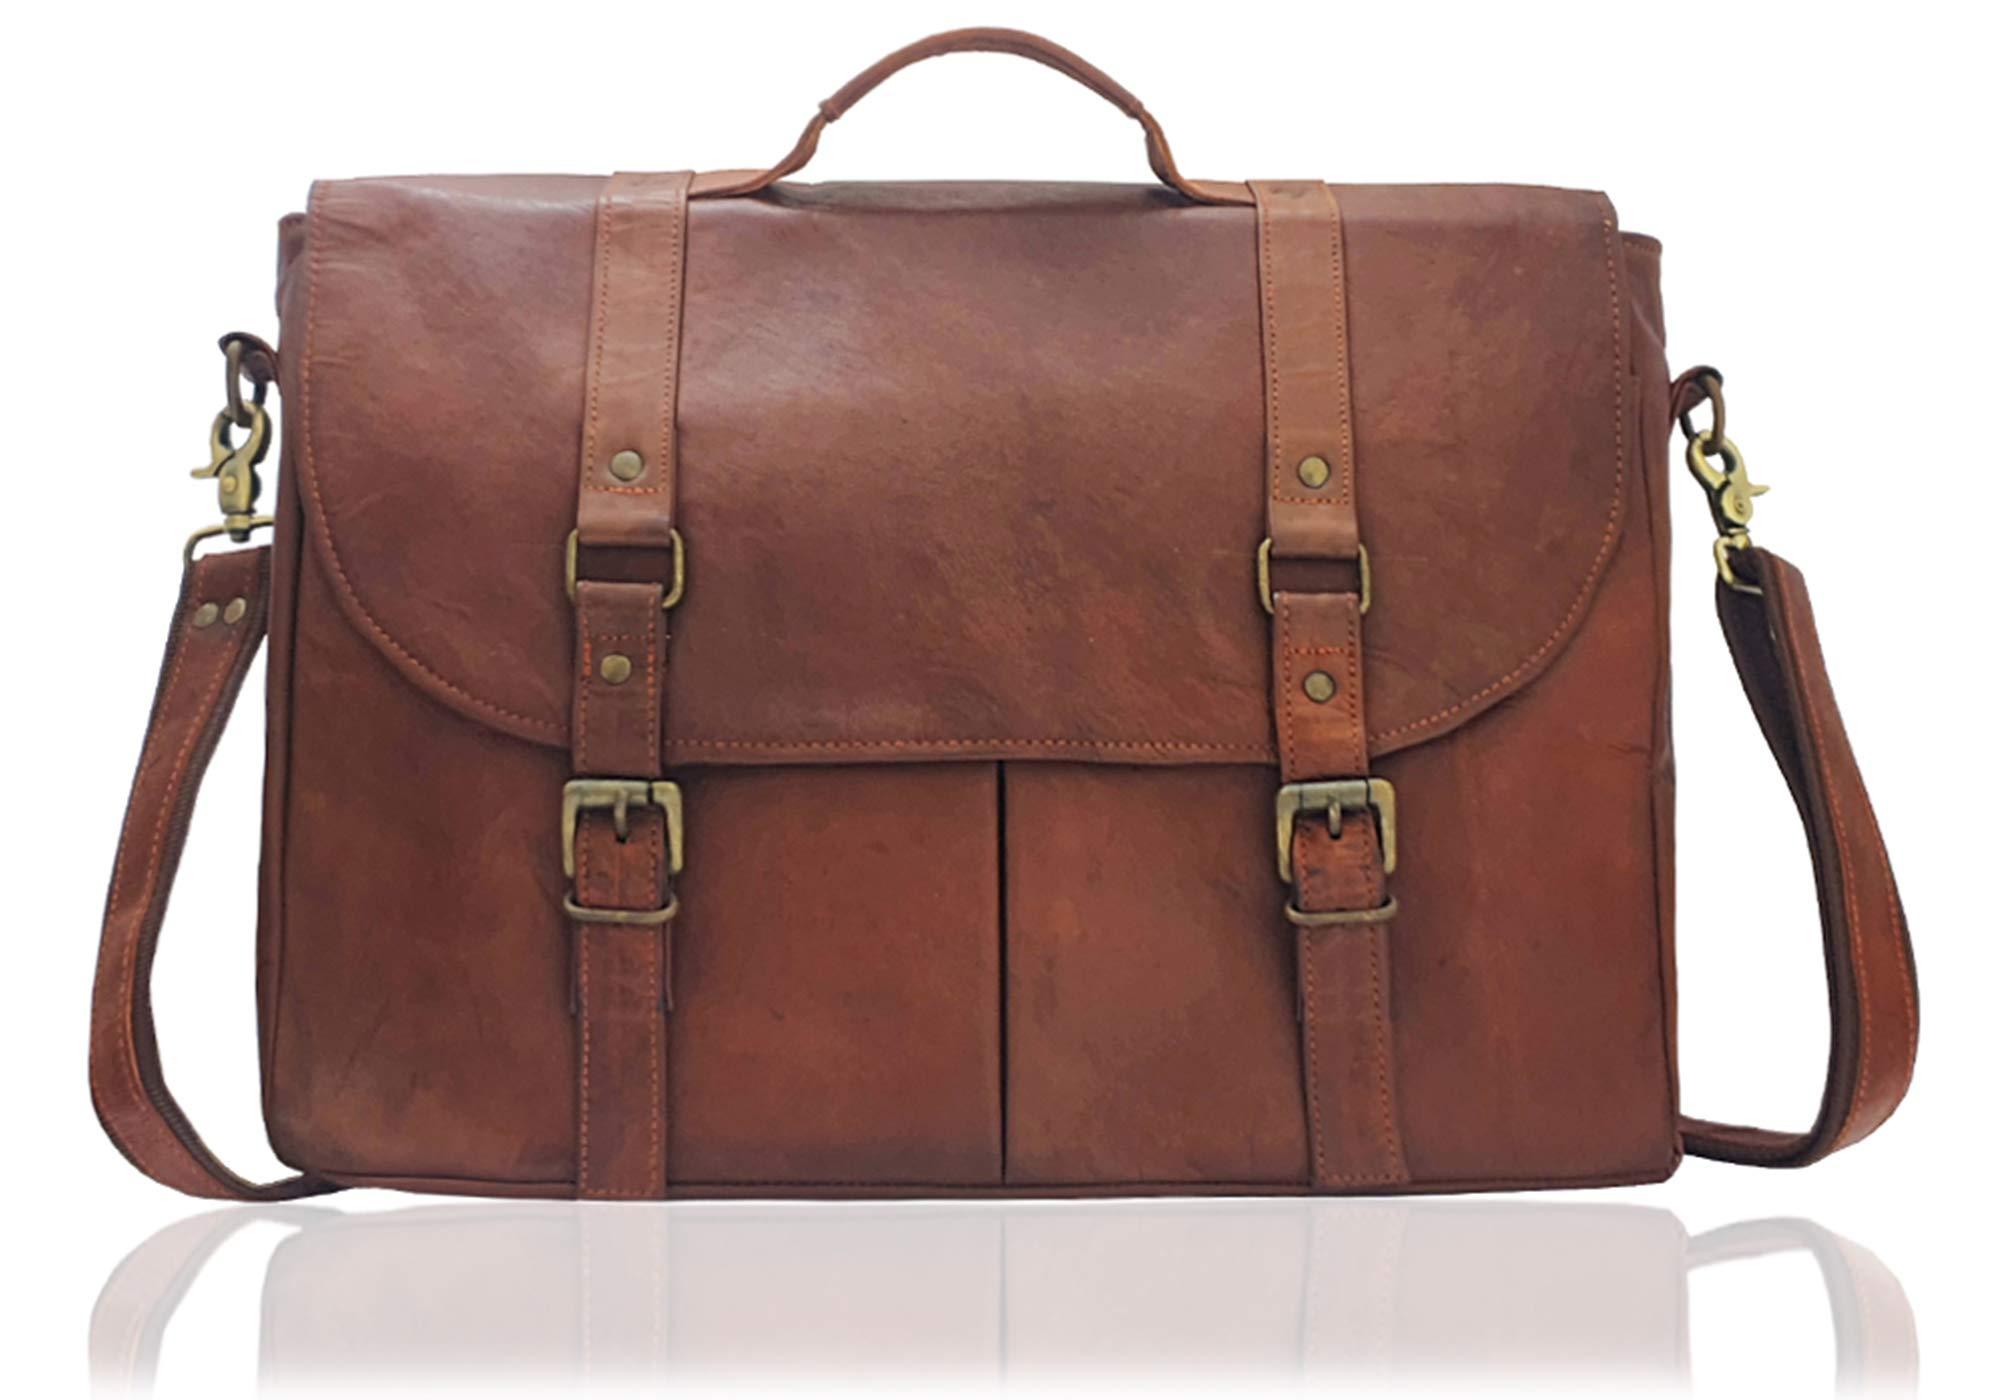 HI-DE Genuine Sheep Leather Laptop Messenger Bag 15 inch Vintage Style Handmade by HI-DE